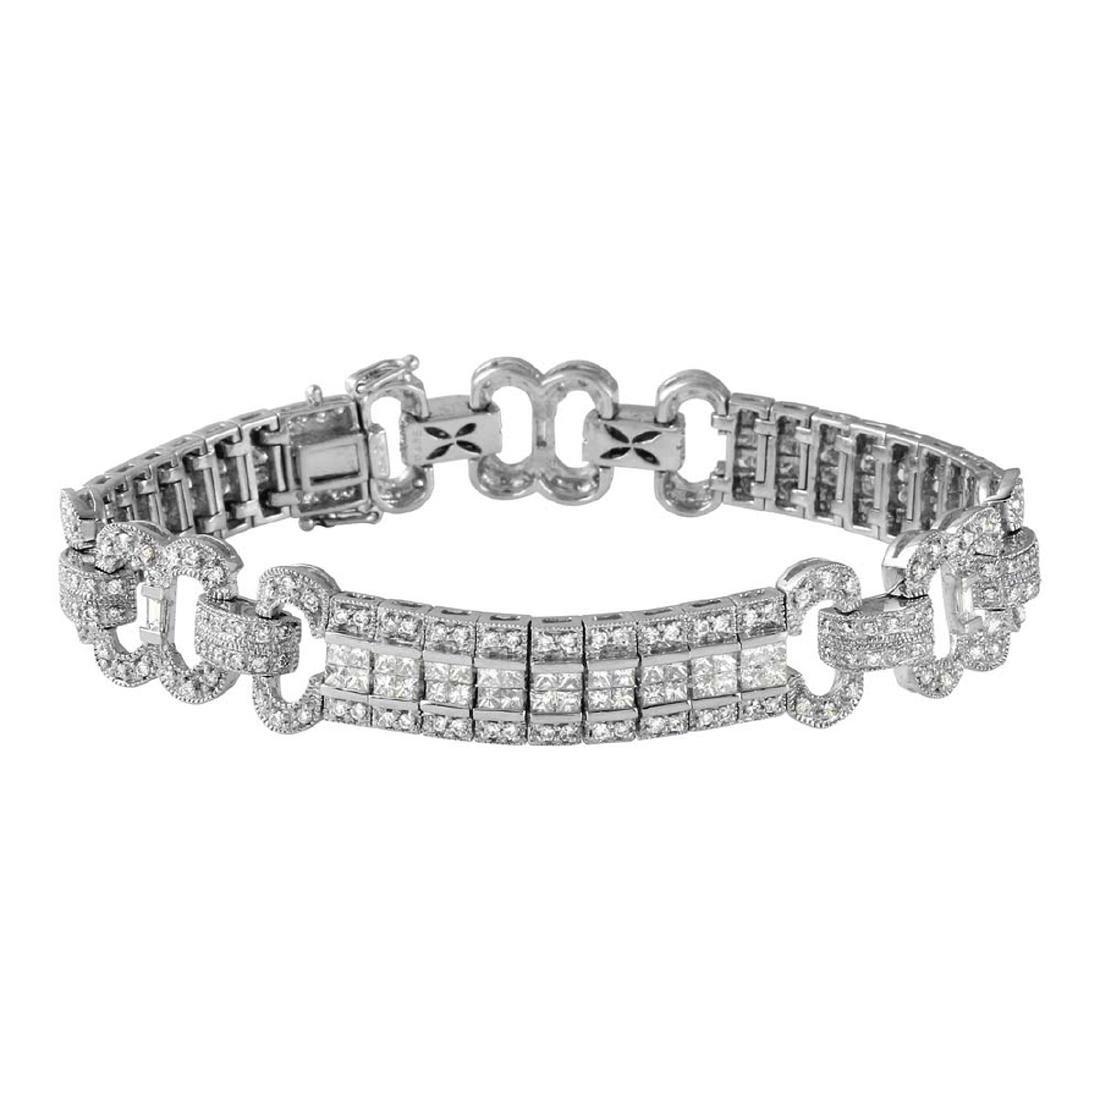 18KT White Gold 4.42ctw Diamond Bracelet